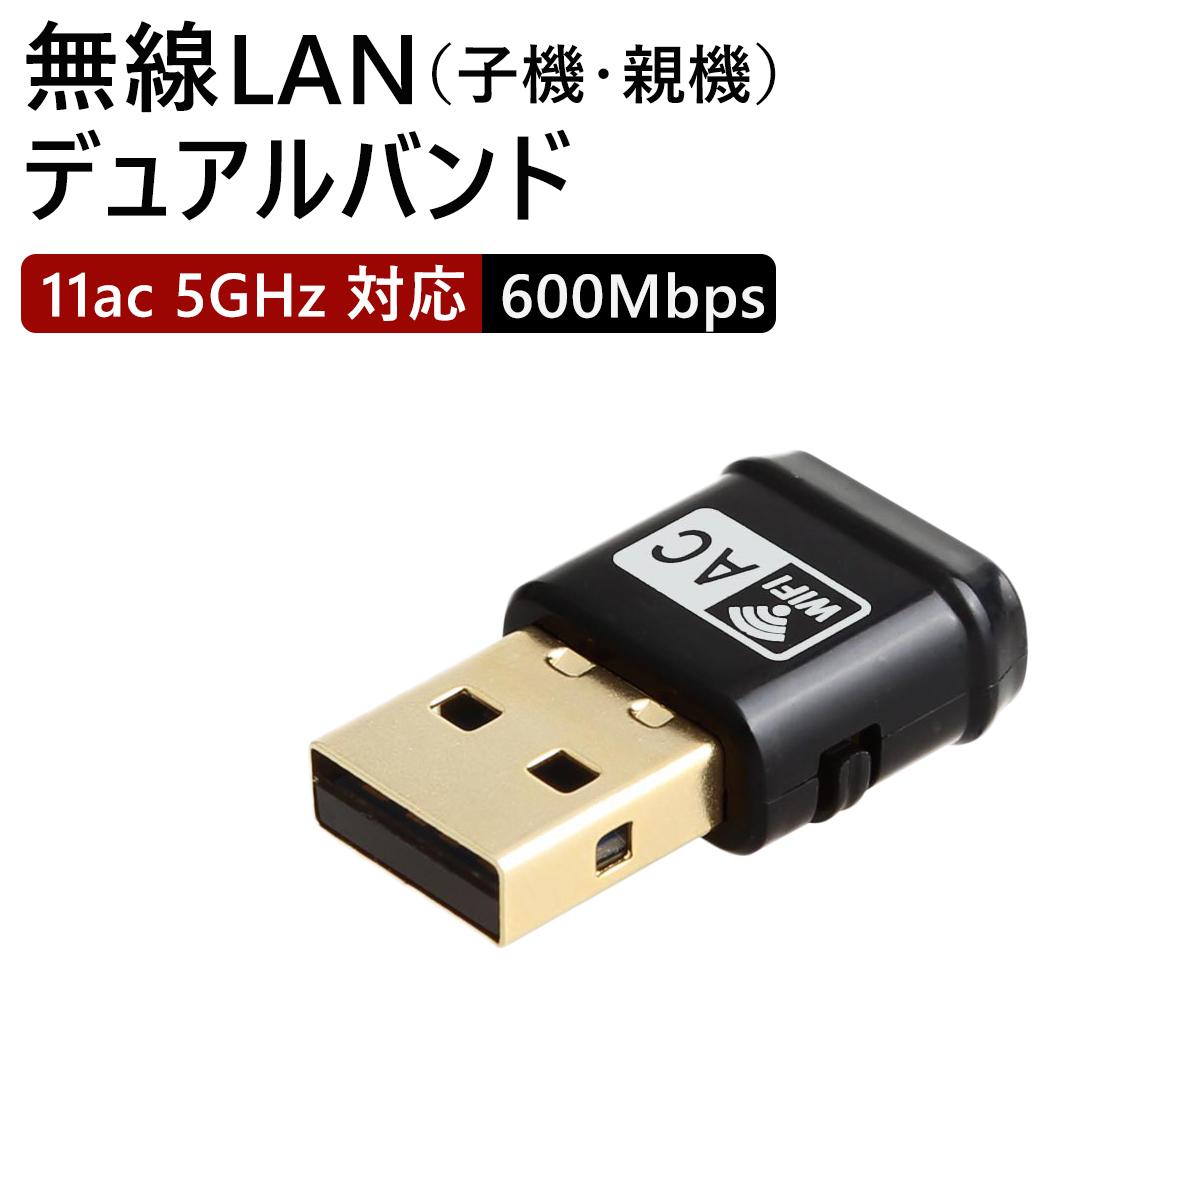 無線LAN 子機 親機 Wi-Fi アダプター ハイパワーアンテナ デュアルバンド 2.4GHz 150Mbps/5GHz 433Mbps対応 Windows Mac Linux 対応 SDM便送料無料 1ヶ月保証 K&M